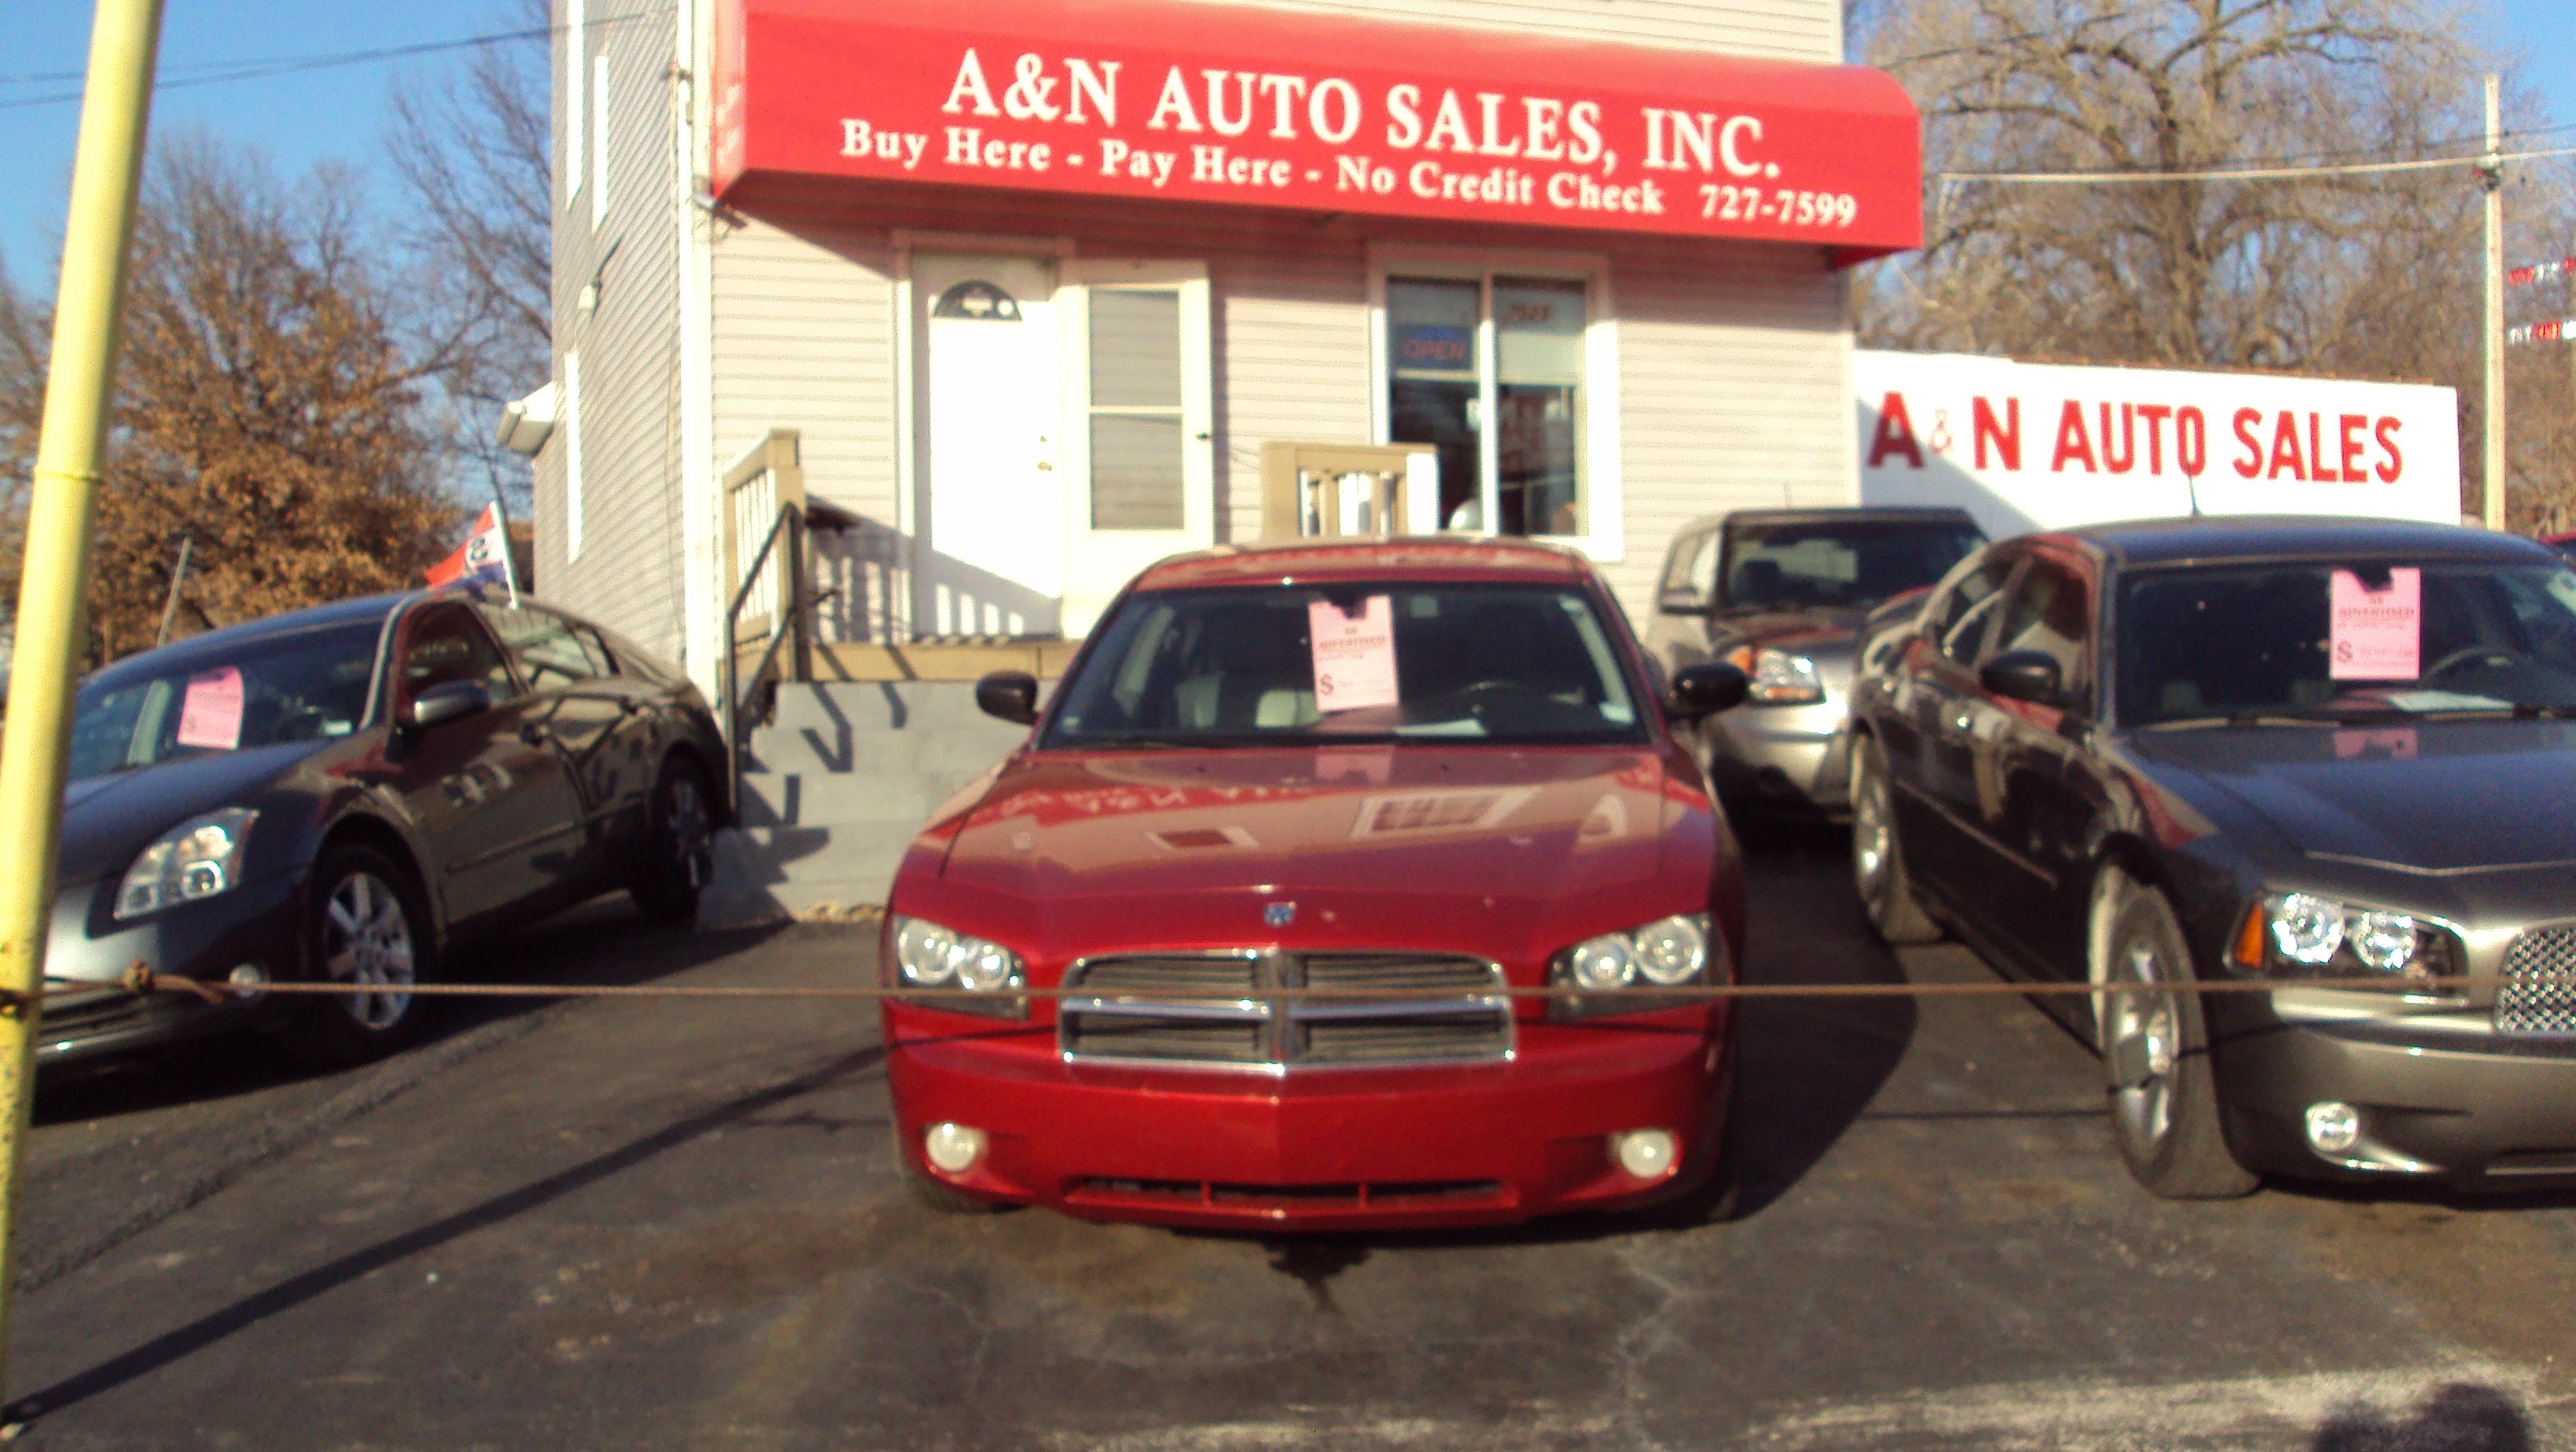 A & N Auto Sales 7023 Page Ave, Saint Louis, MO 63133 - YP.com